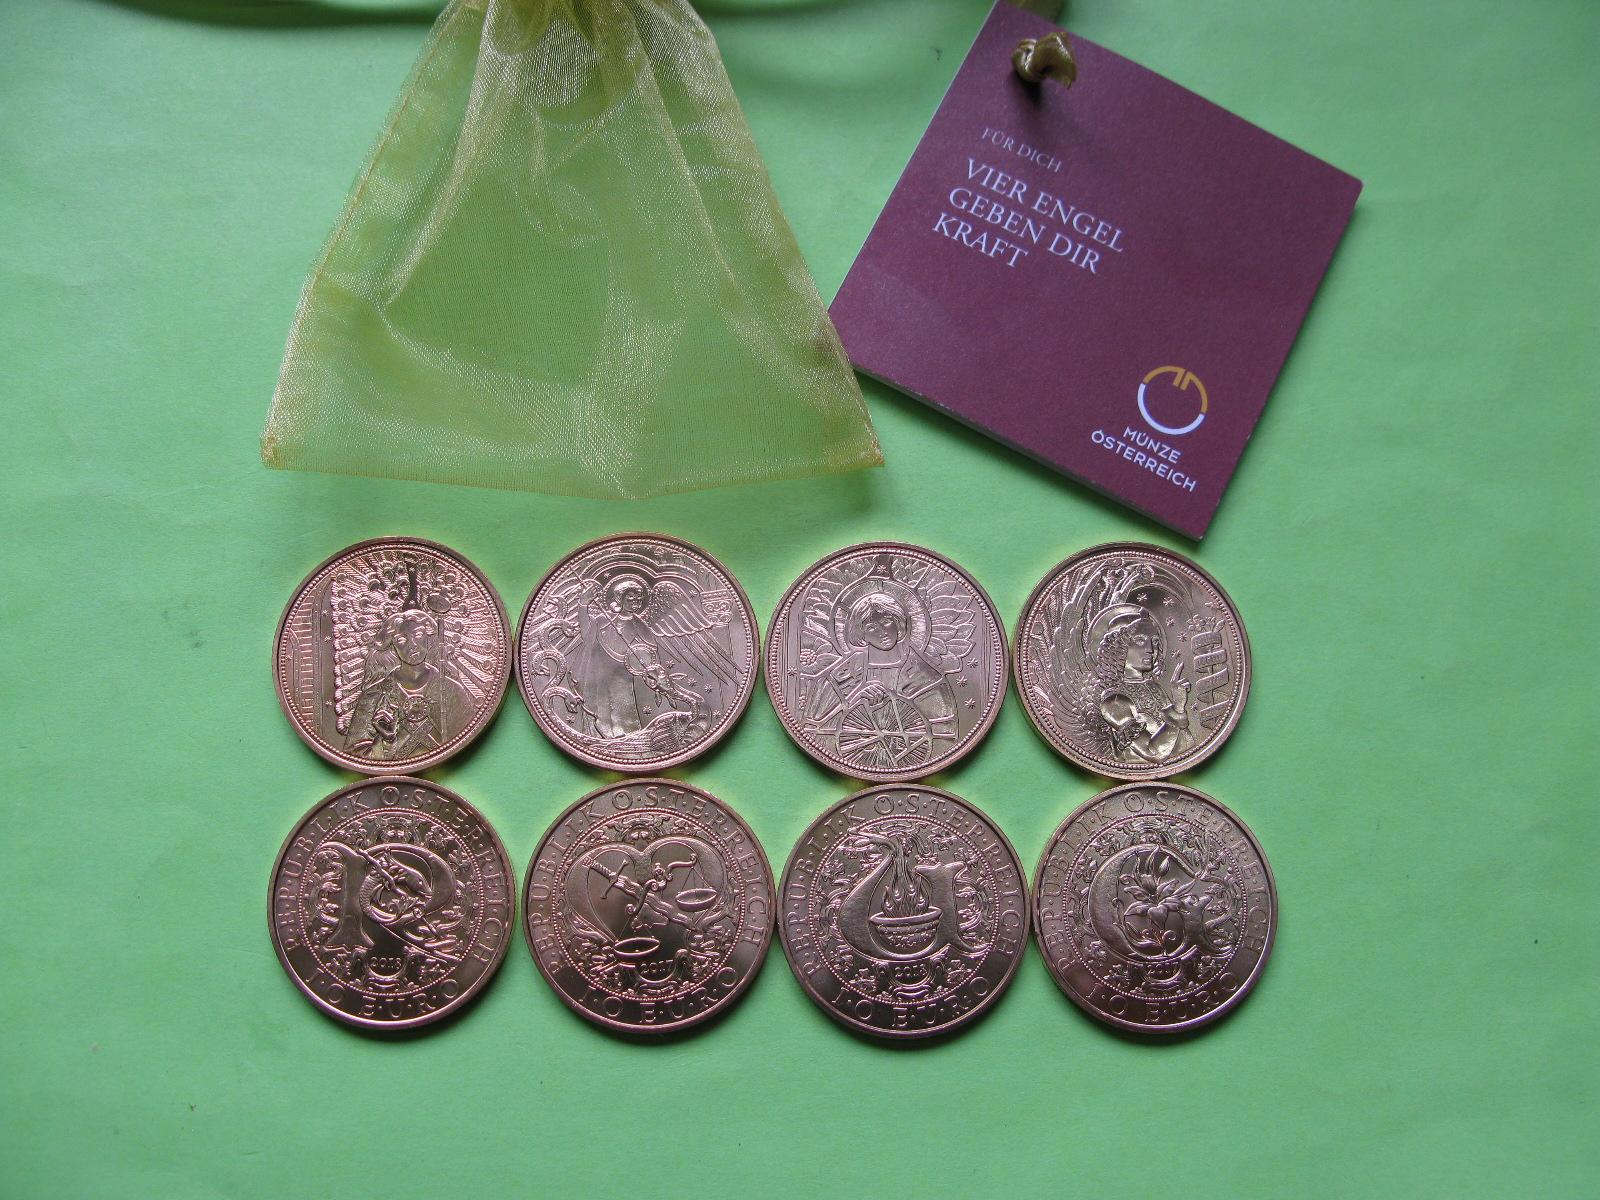 Австрия 10 евро 2017-2018 г. Комплект 4 архангелов.